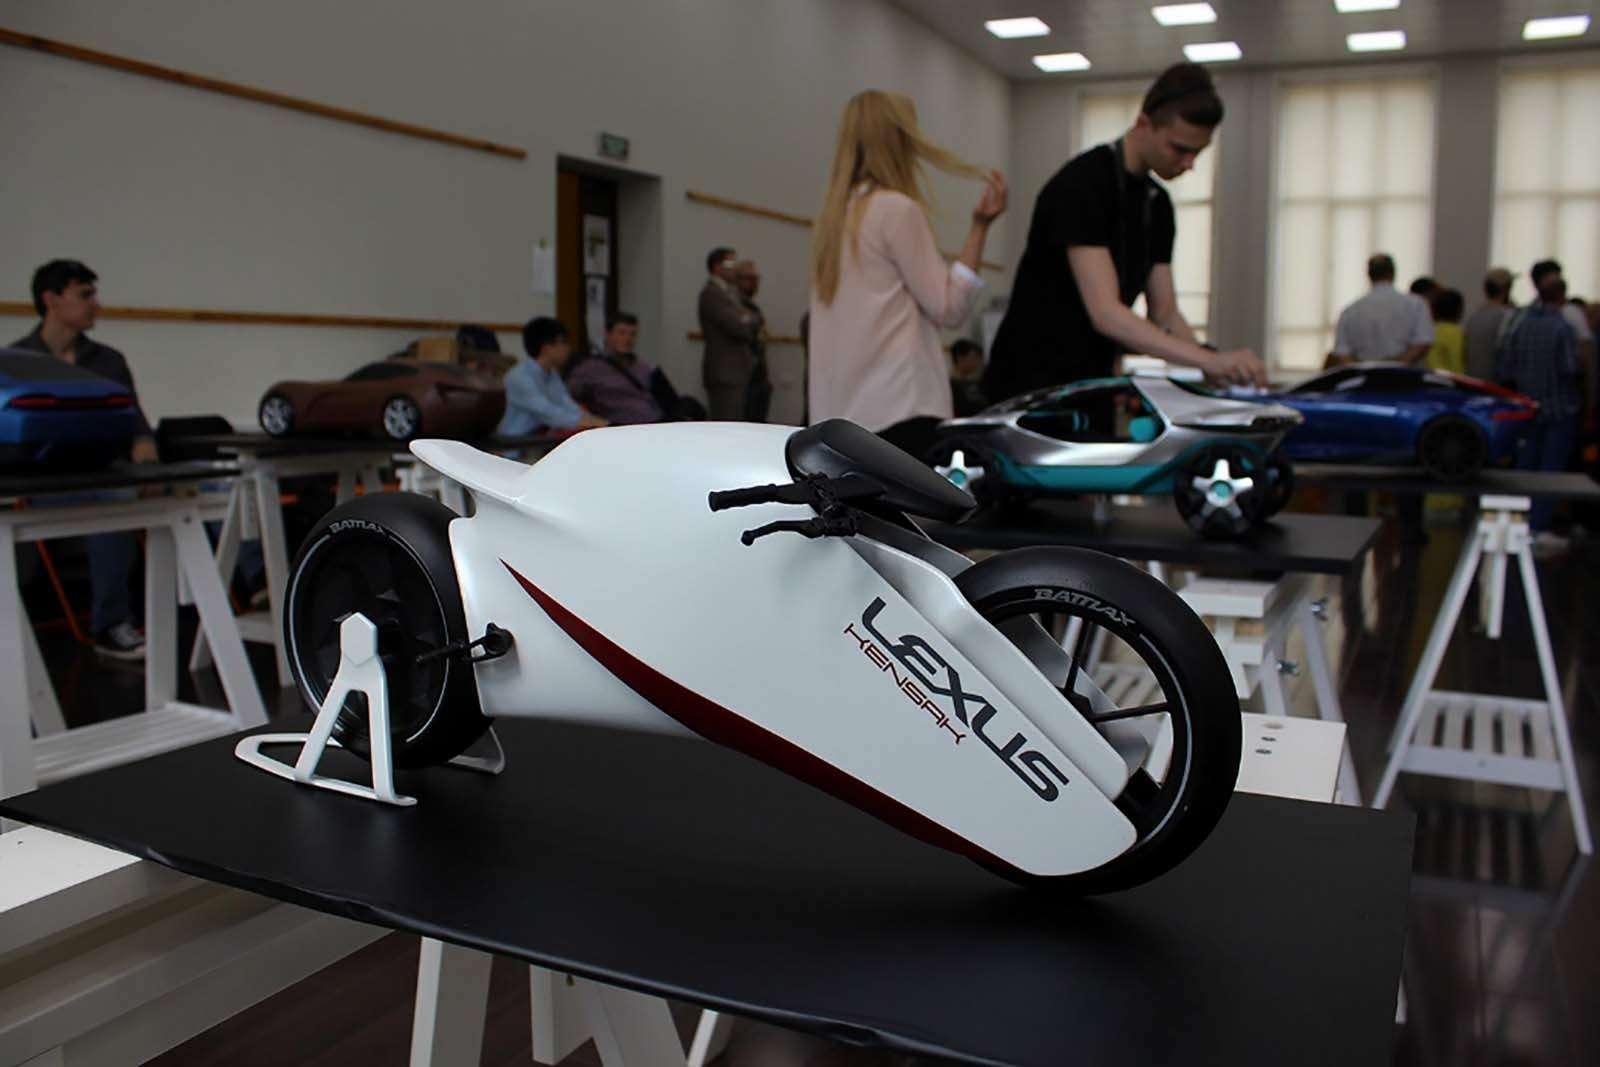 Фестиваль новых технологий: Летающая Лада, Стивен Сигал иэлектромобили